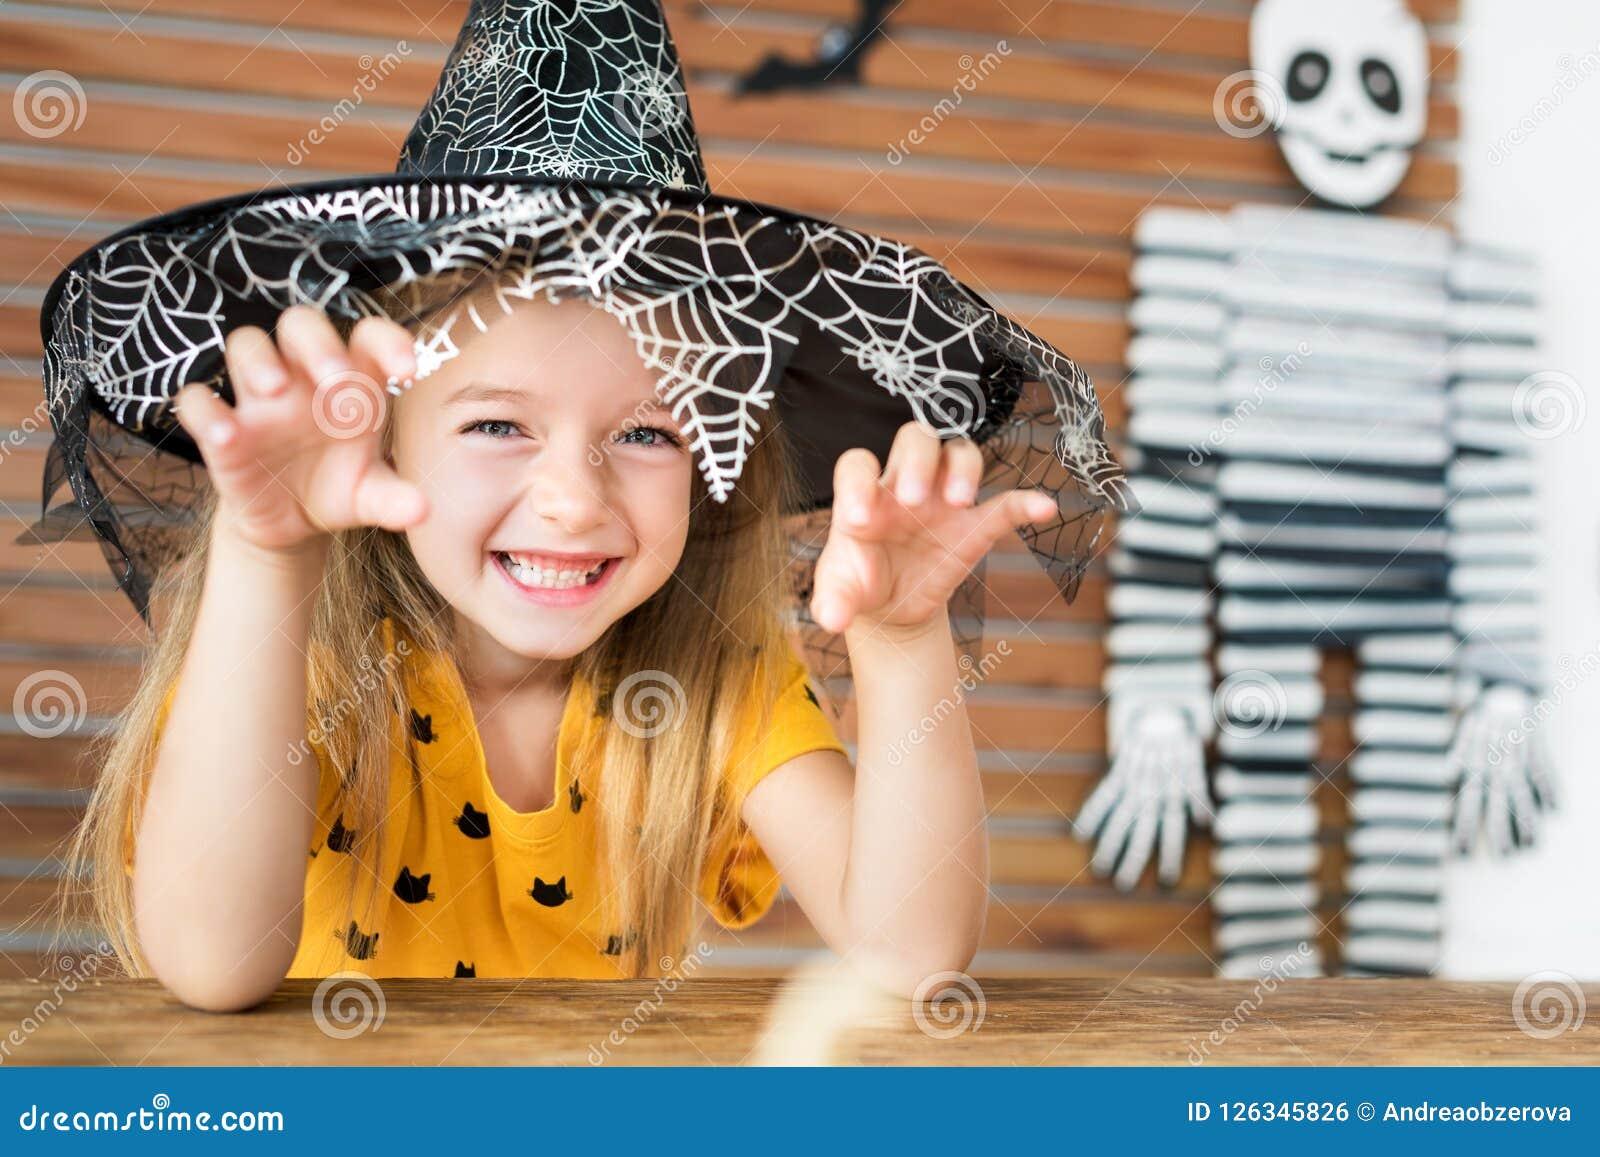 Der nette tragende Hexenhut des kleinen Mädchens, der hinter einer Tabelle in Halloween-Thema sitzt, verzierte das Wohnzimmer und